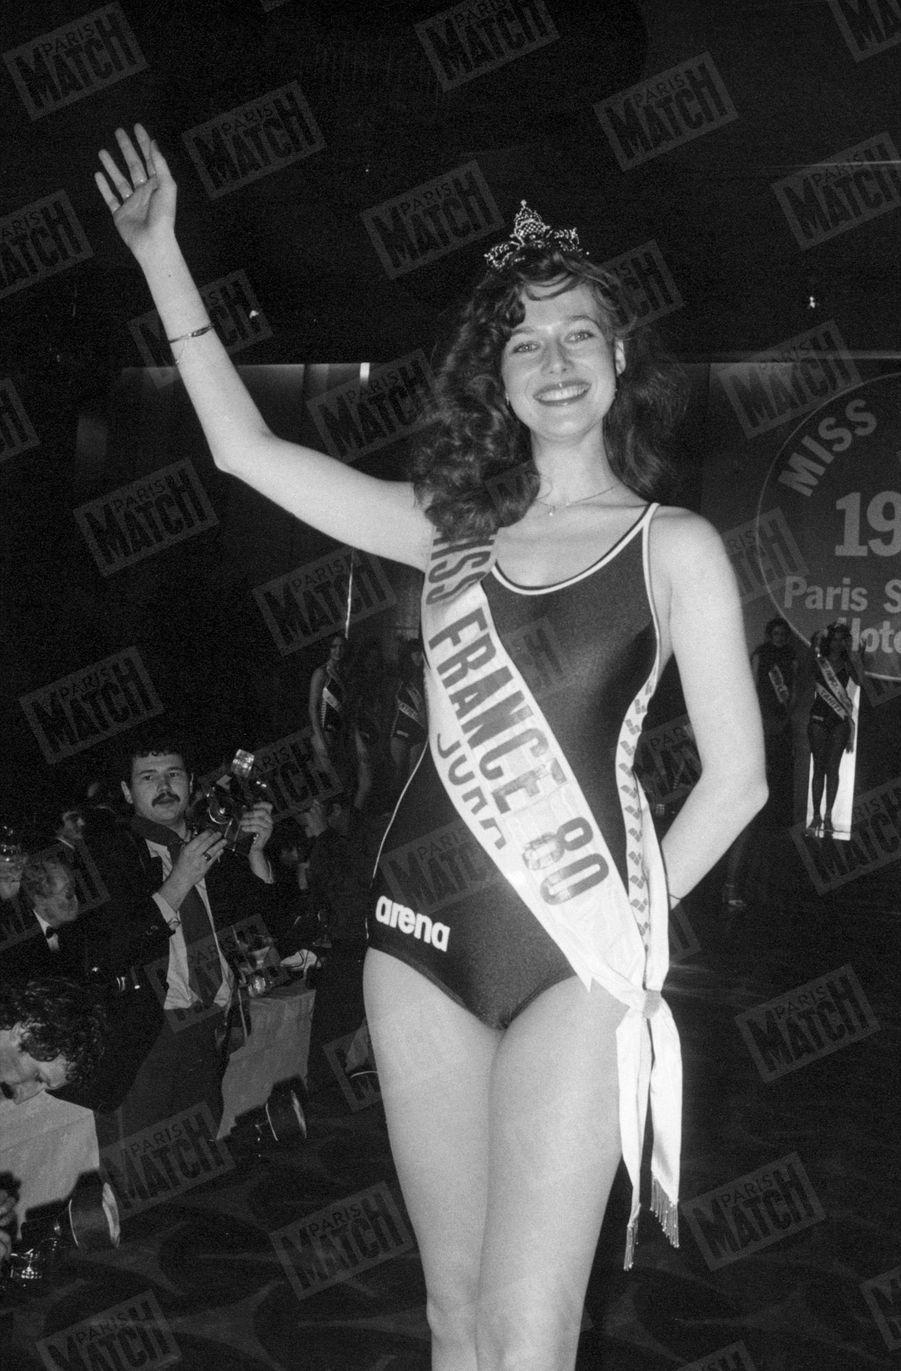 Patricia Barzyk, couronnée Miss France 1980, le 28 décembre 1979 à Paris.